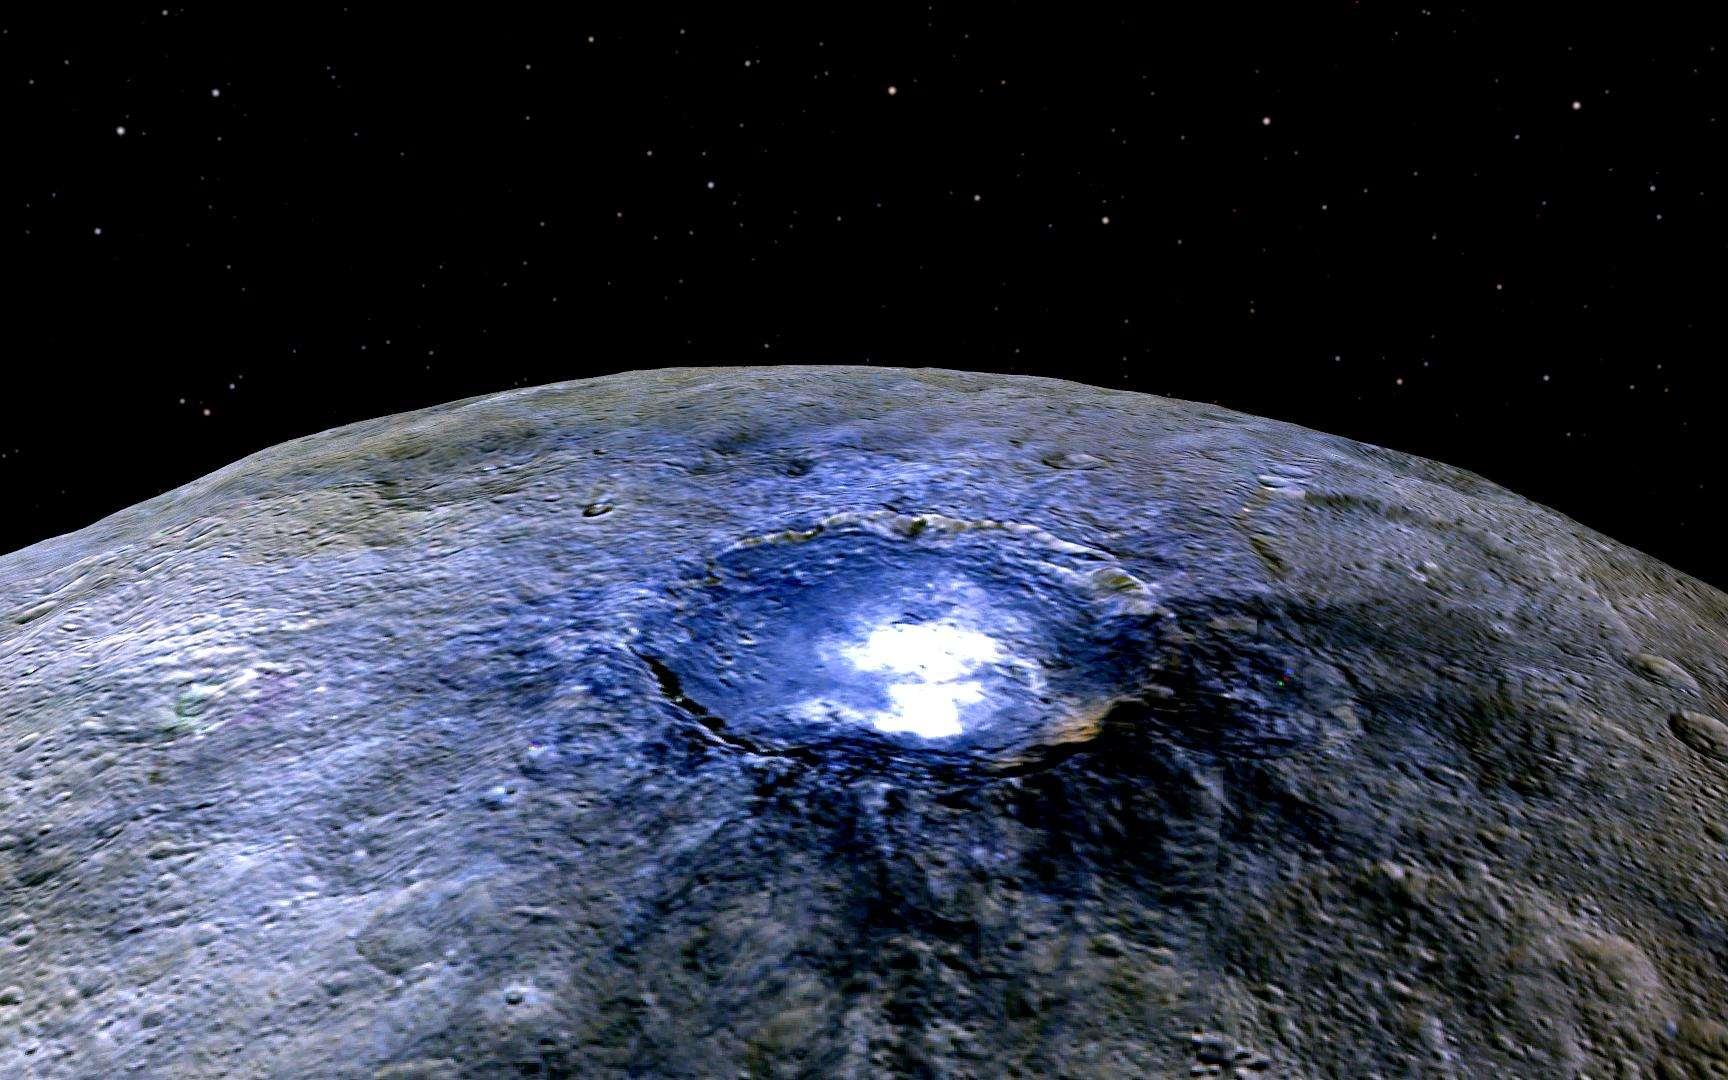 Vue en perspective du cratère Occator (90 km de diamètre) prise par Dawn à 4.400 km de la surface. L'image en fausses couleurs révèle la répartition de différents matériaux selon leur degré de réflexion de la lumière solaire. Le bleu signale la présence de composés plus brillants comme ici, les plus célèbres (et récentes?) taches blanches de Cérès. © Nasa, JPL-Caltech, UCLA, MPS, DLR, IDA